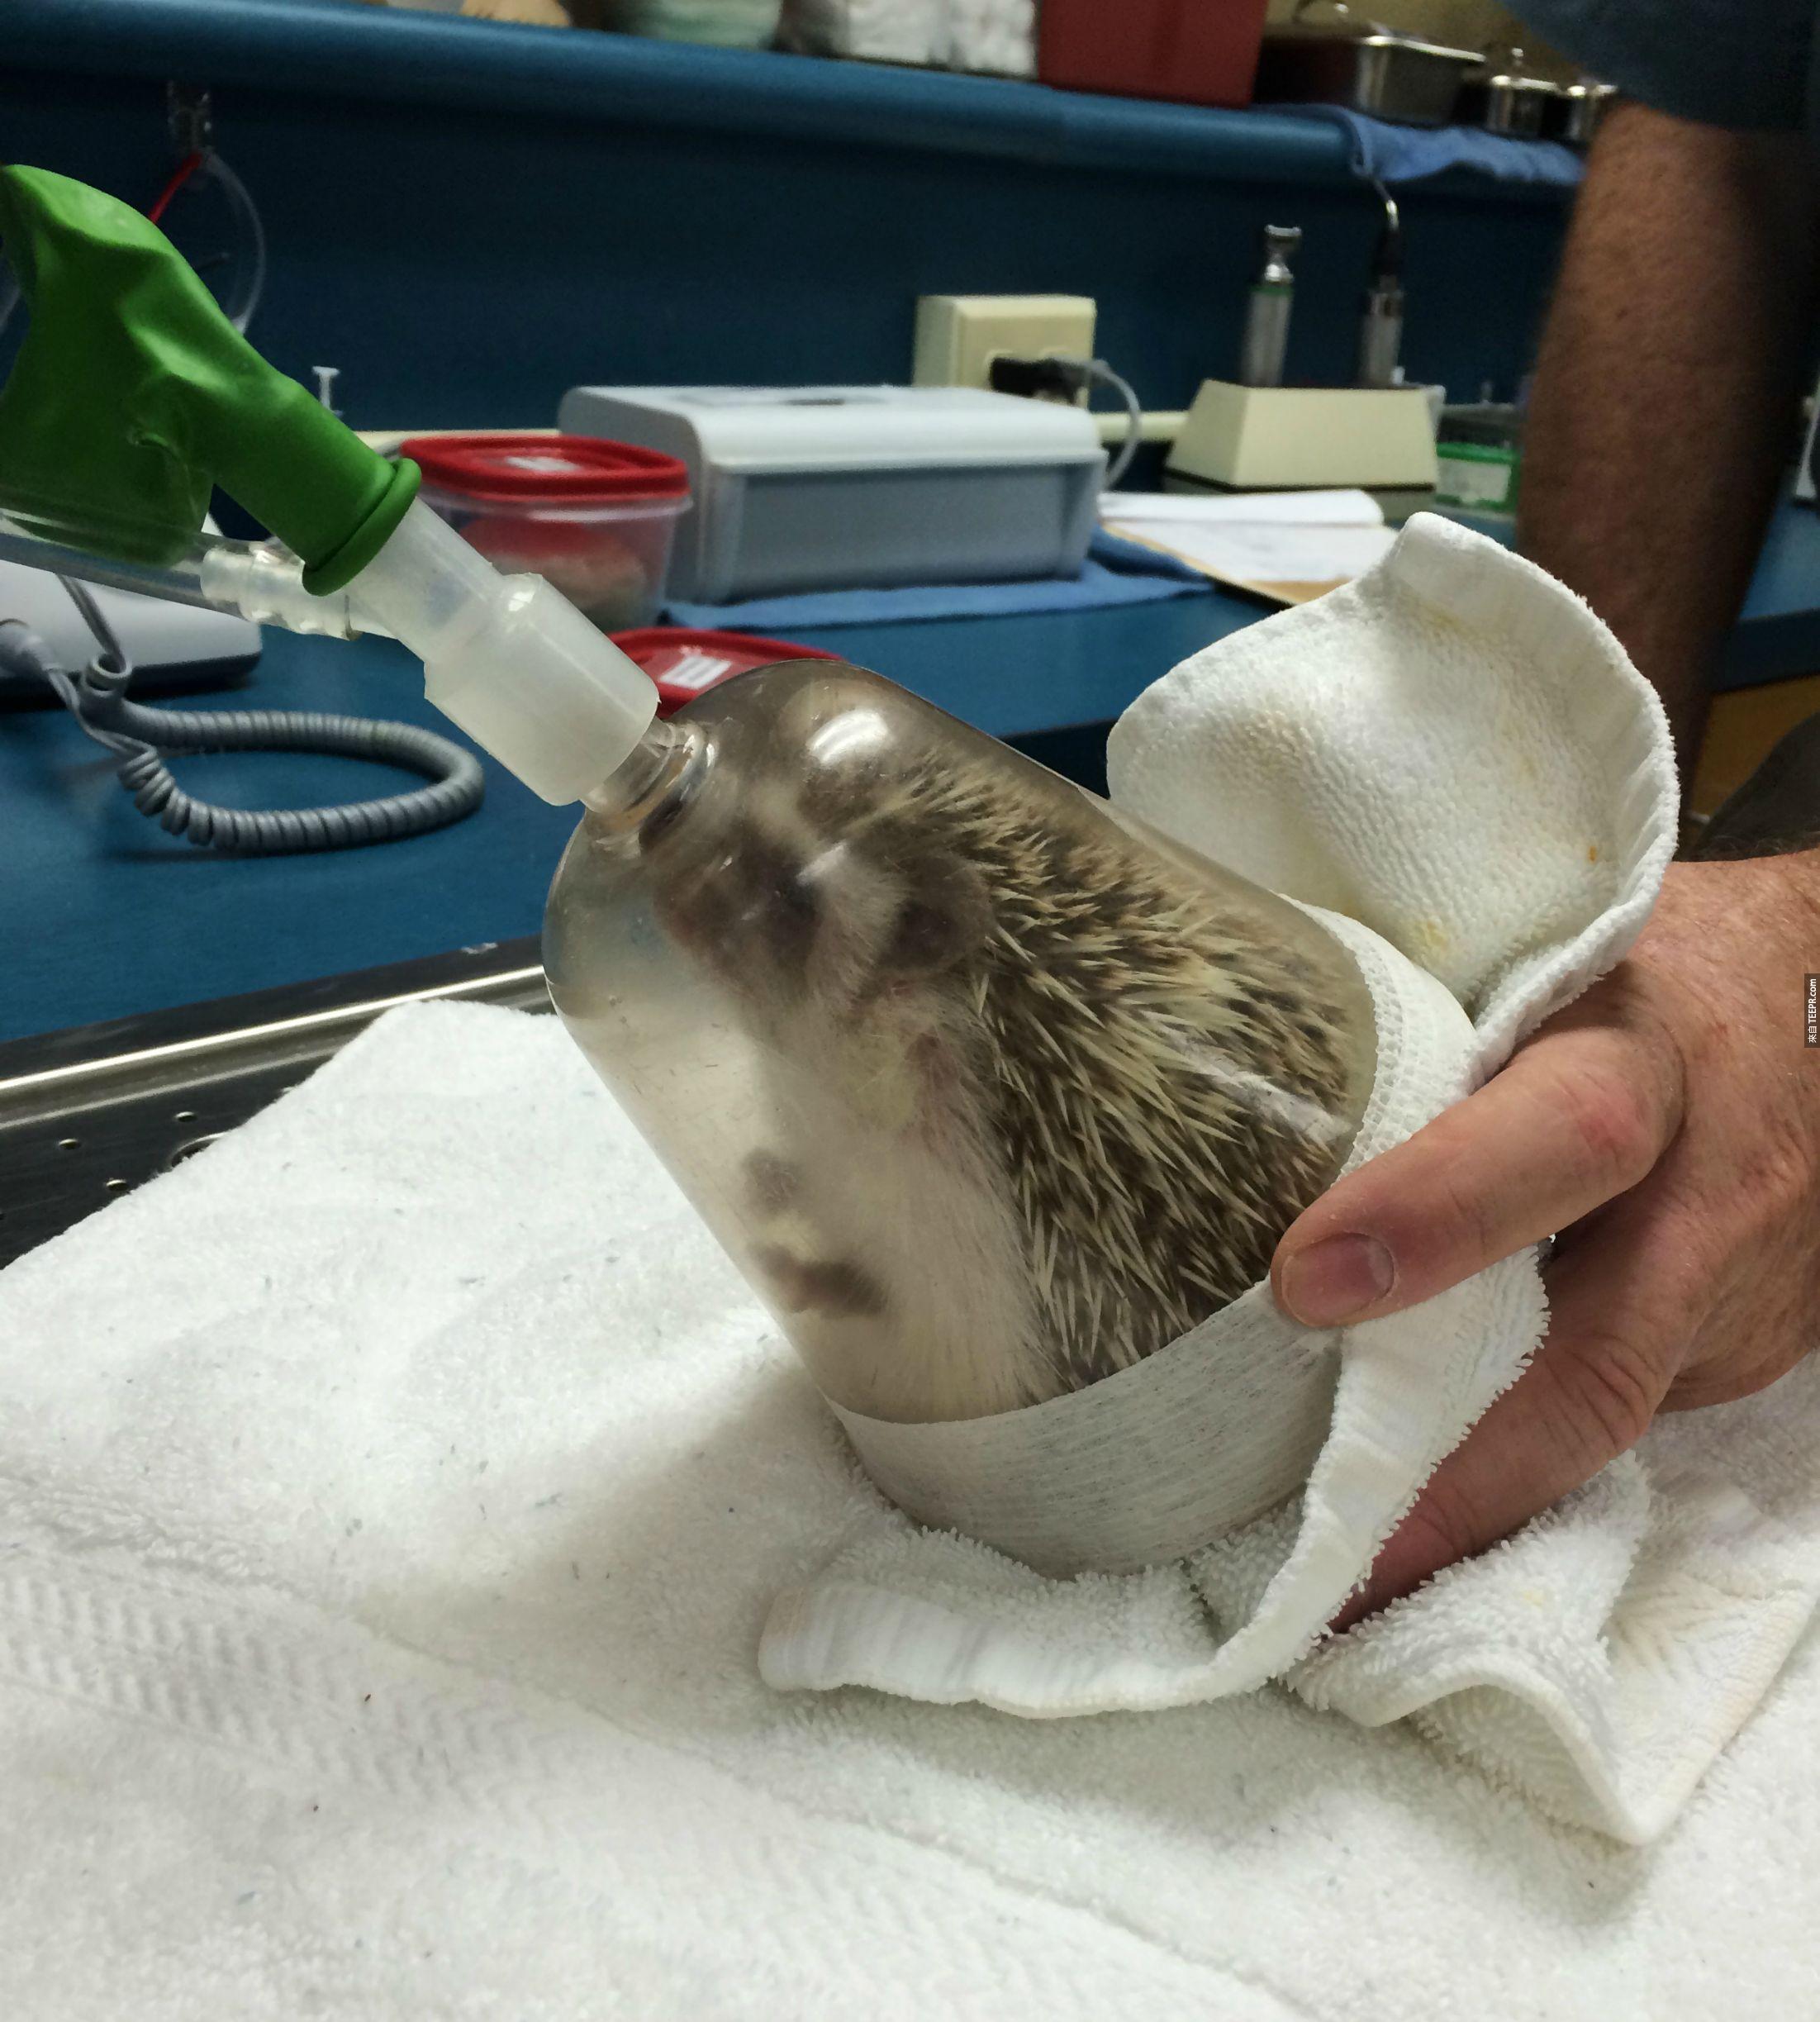 這個人一開始還不知道獸醫要如何麻醉他的小刺蝟。當看到的時候...OMG 這會是你看過最可愛的畫面。